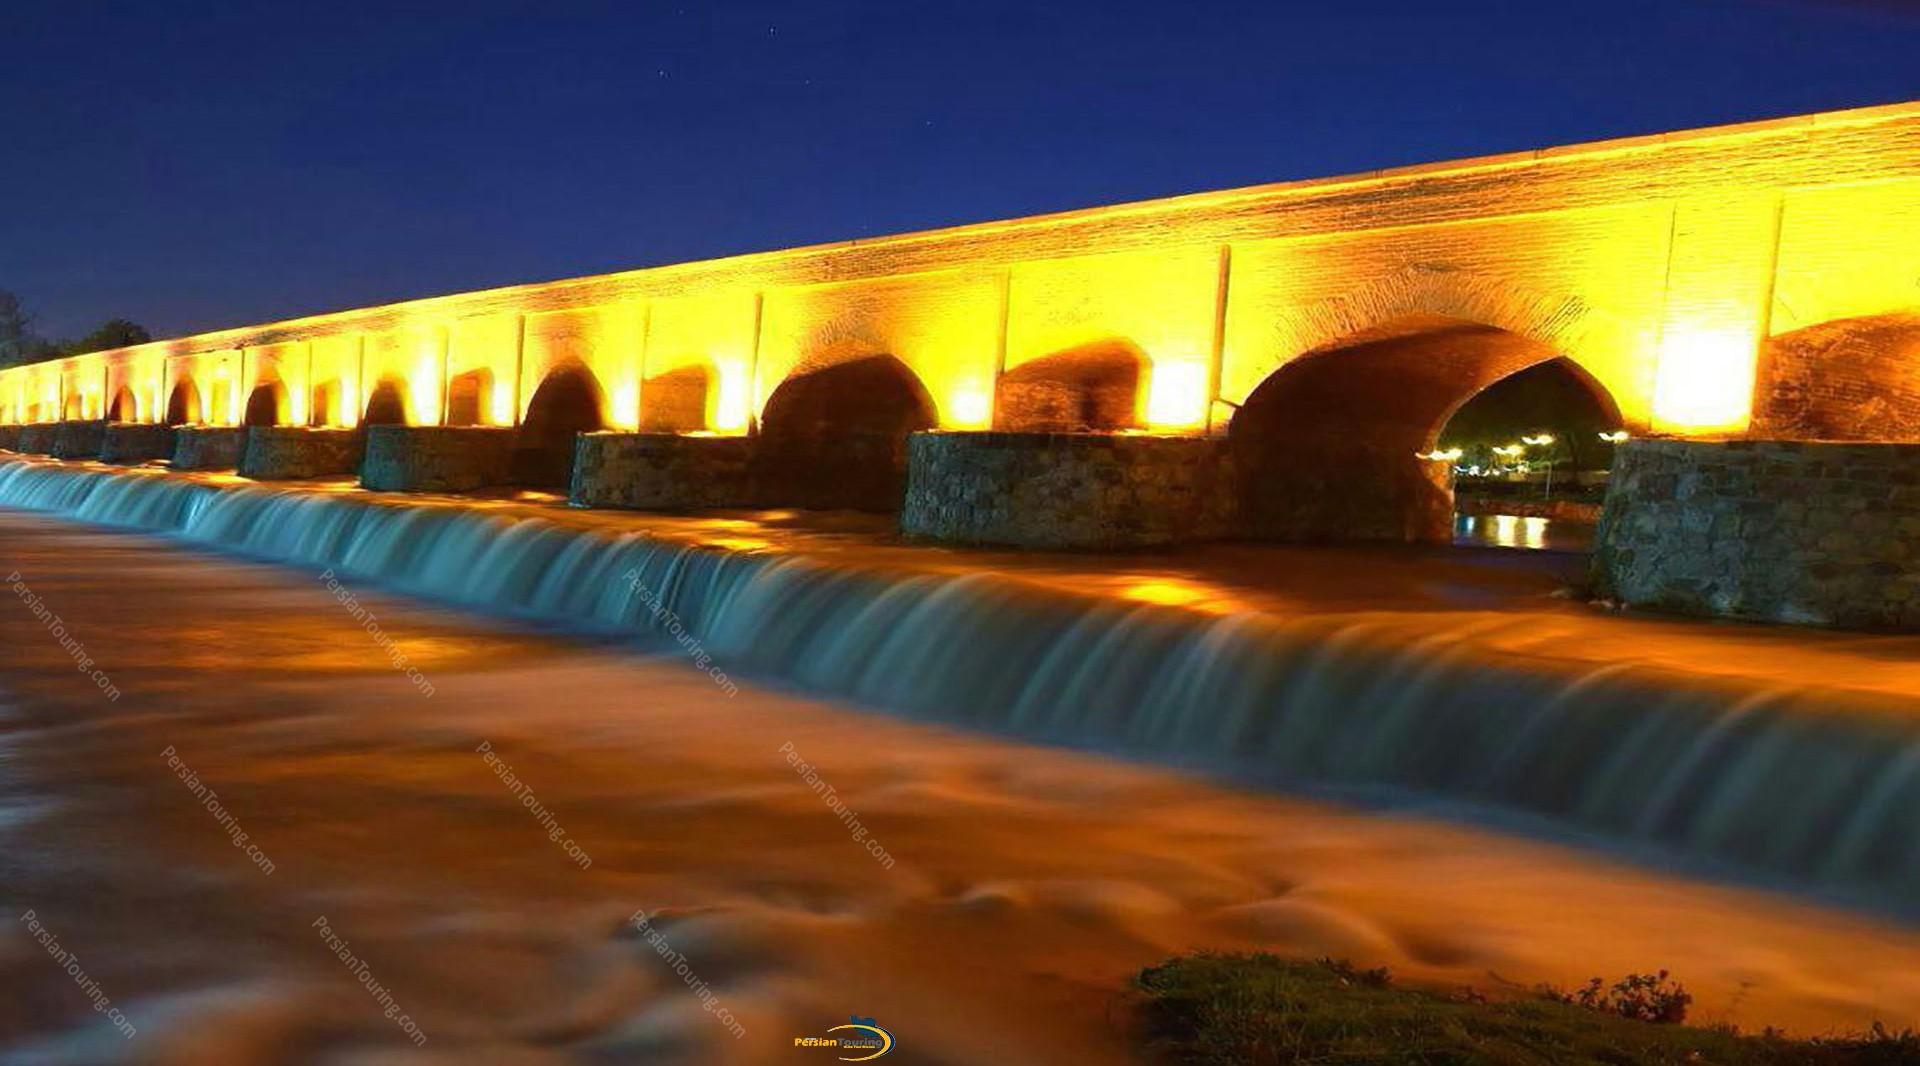 marnan-bridge-isfahan-2